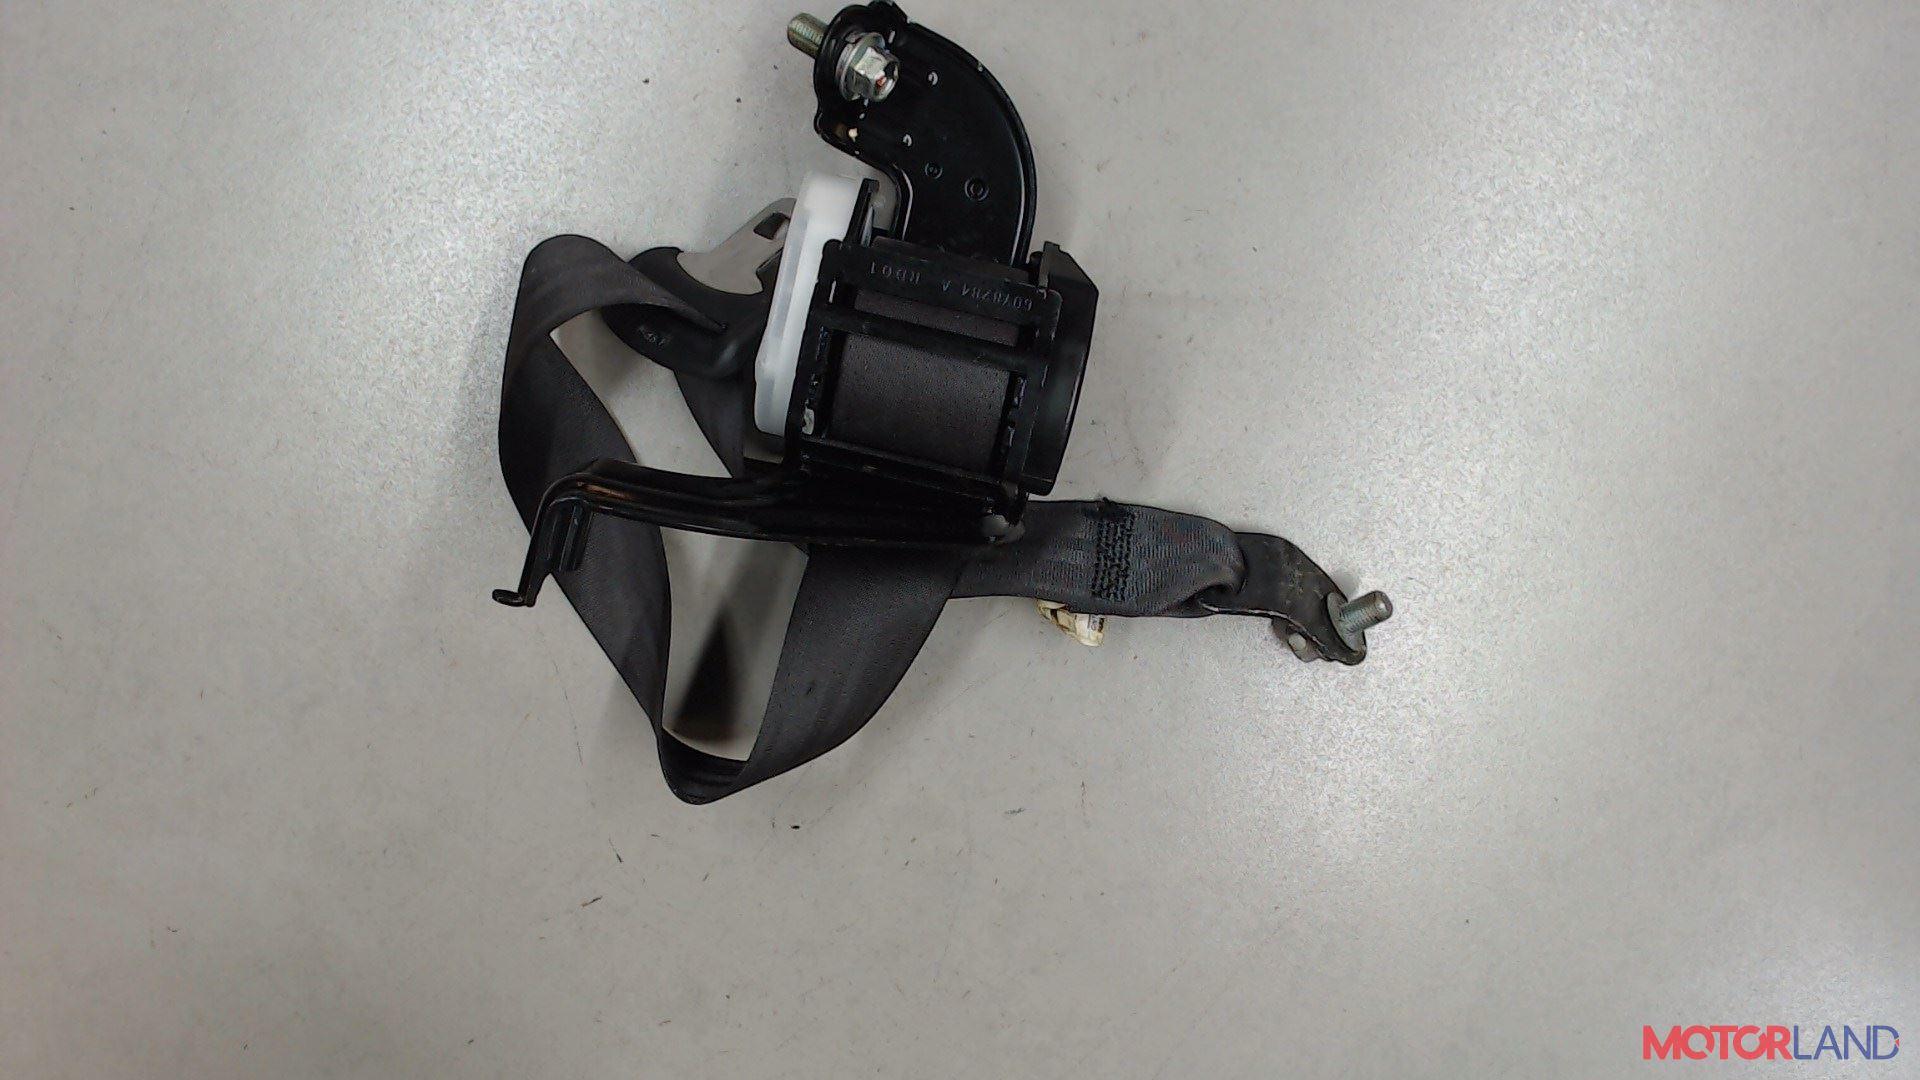 Ремень безопасности Acura RDX 2006-2011, Артикул 5021914 #1